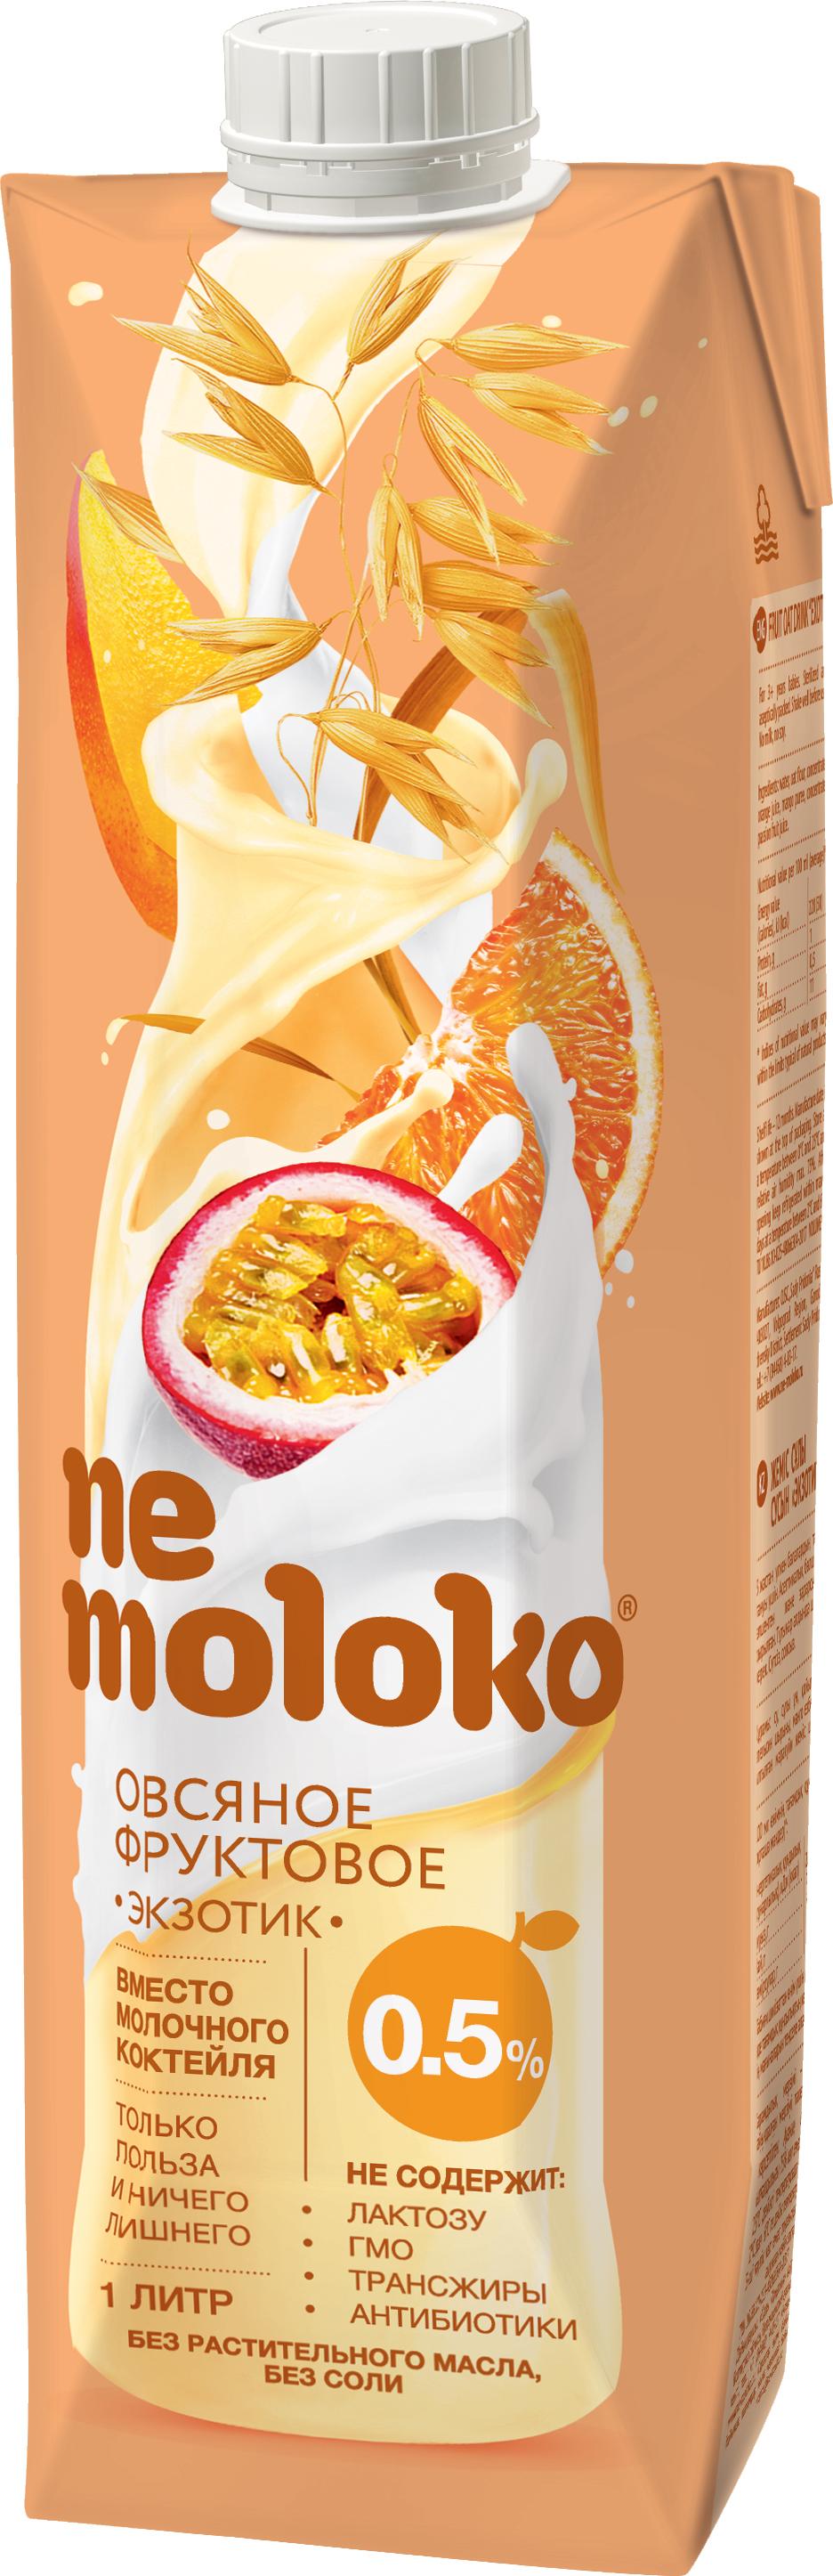 Напиток овсяный фруктовый Экзотик Nemoloko